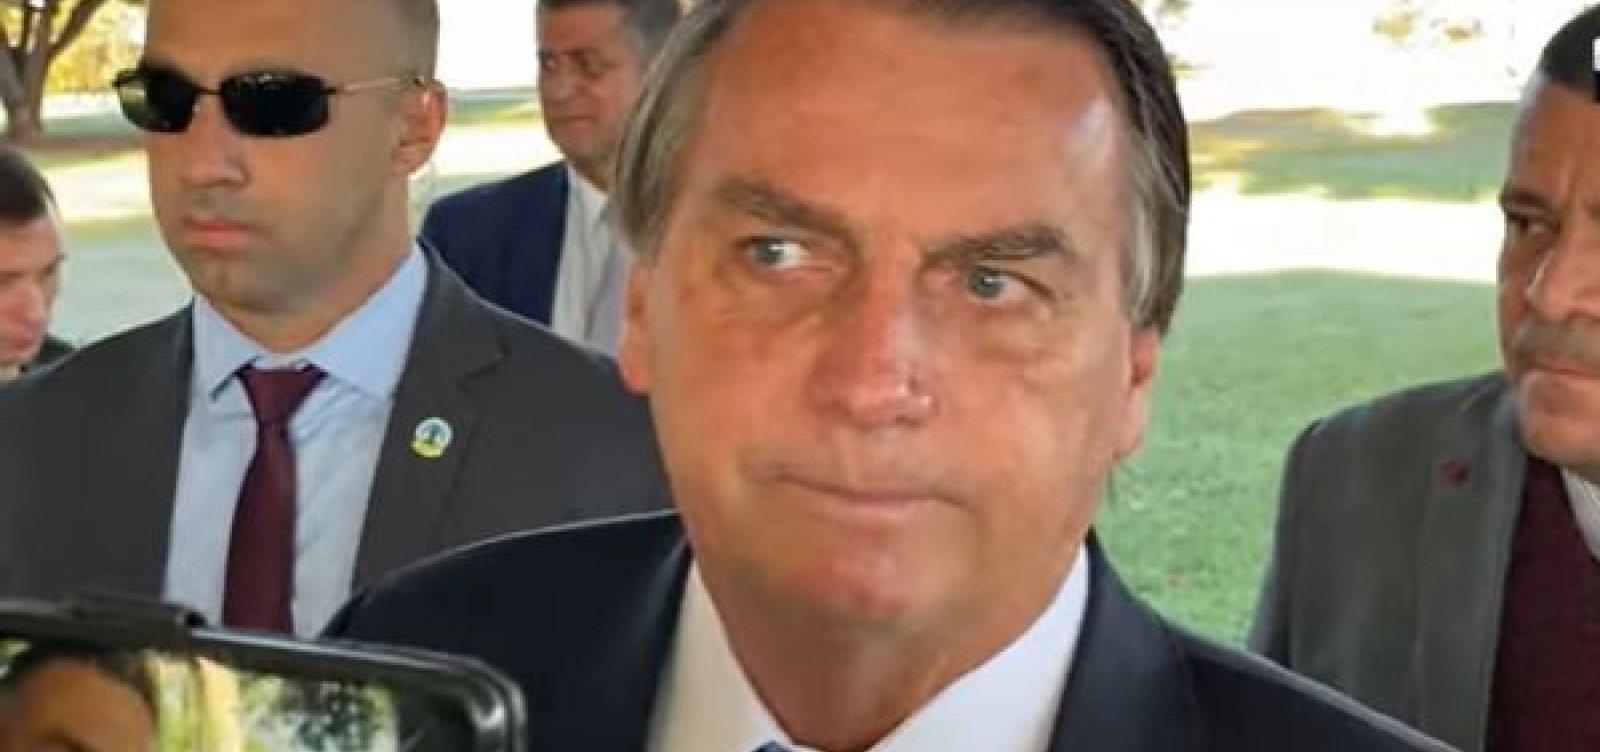 """""""Agora é crime ser rico no Brasil"""", diz Bolsonaro em crítica à proposta de taxar grandes fortunas"""